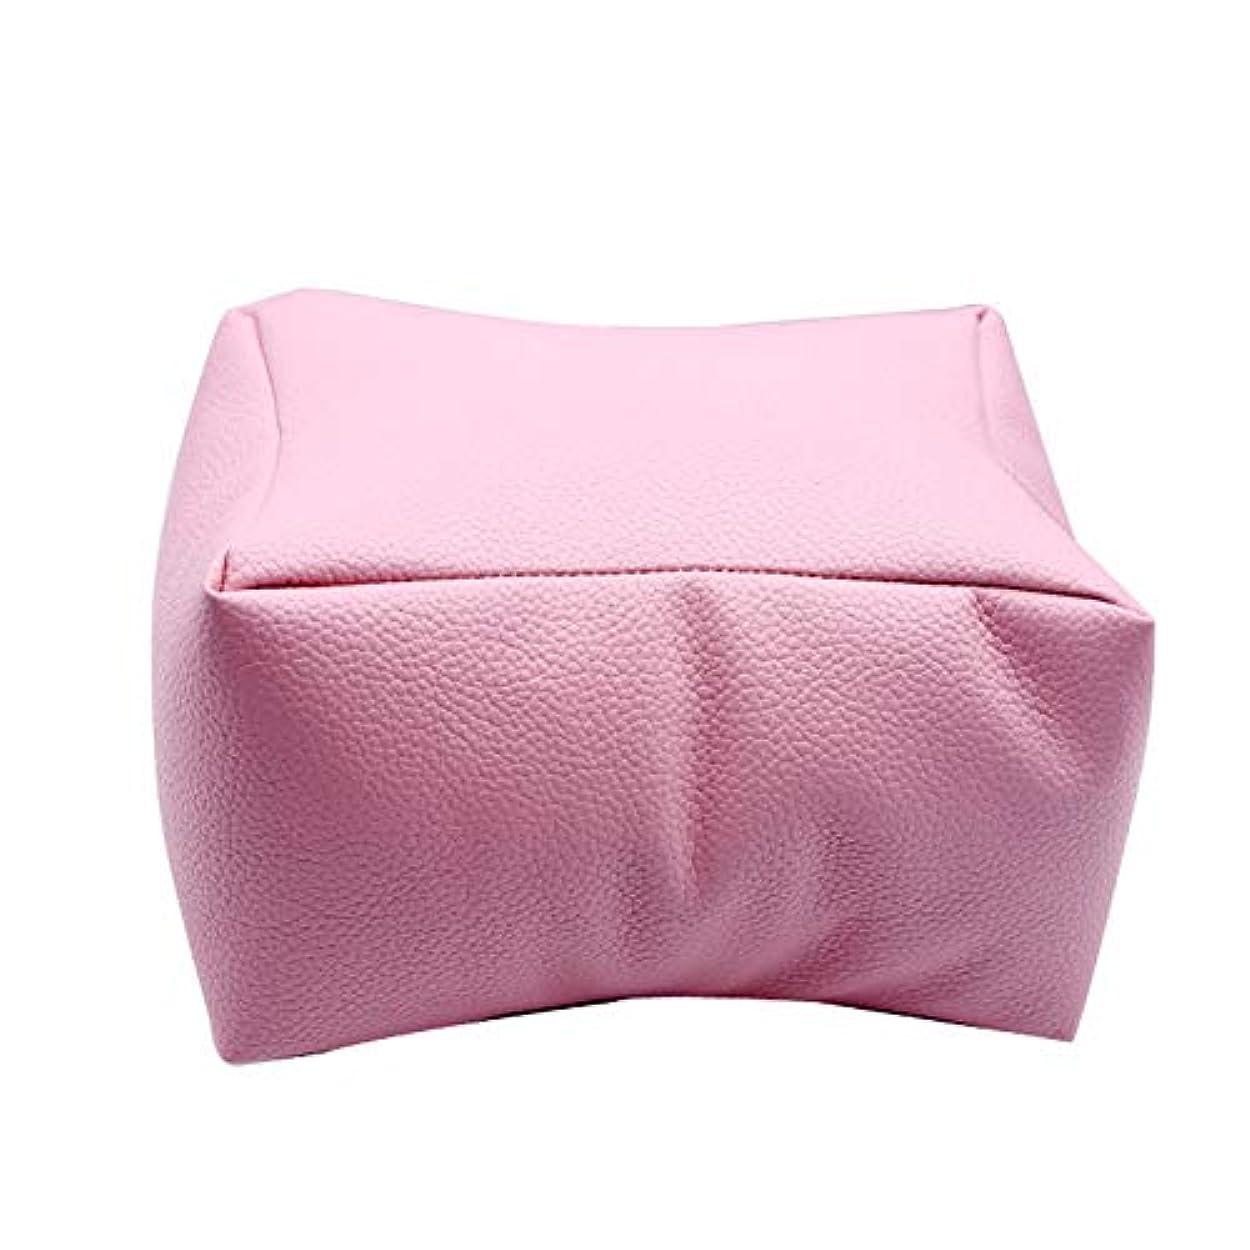 たくさん弱い着替えるMAYouth ネイルアートDIYマニキュアケアハンドアームレスト枕快適なPUレザー枕